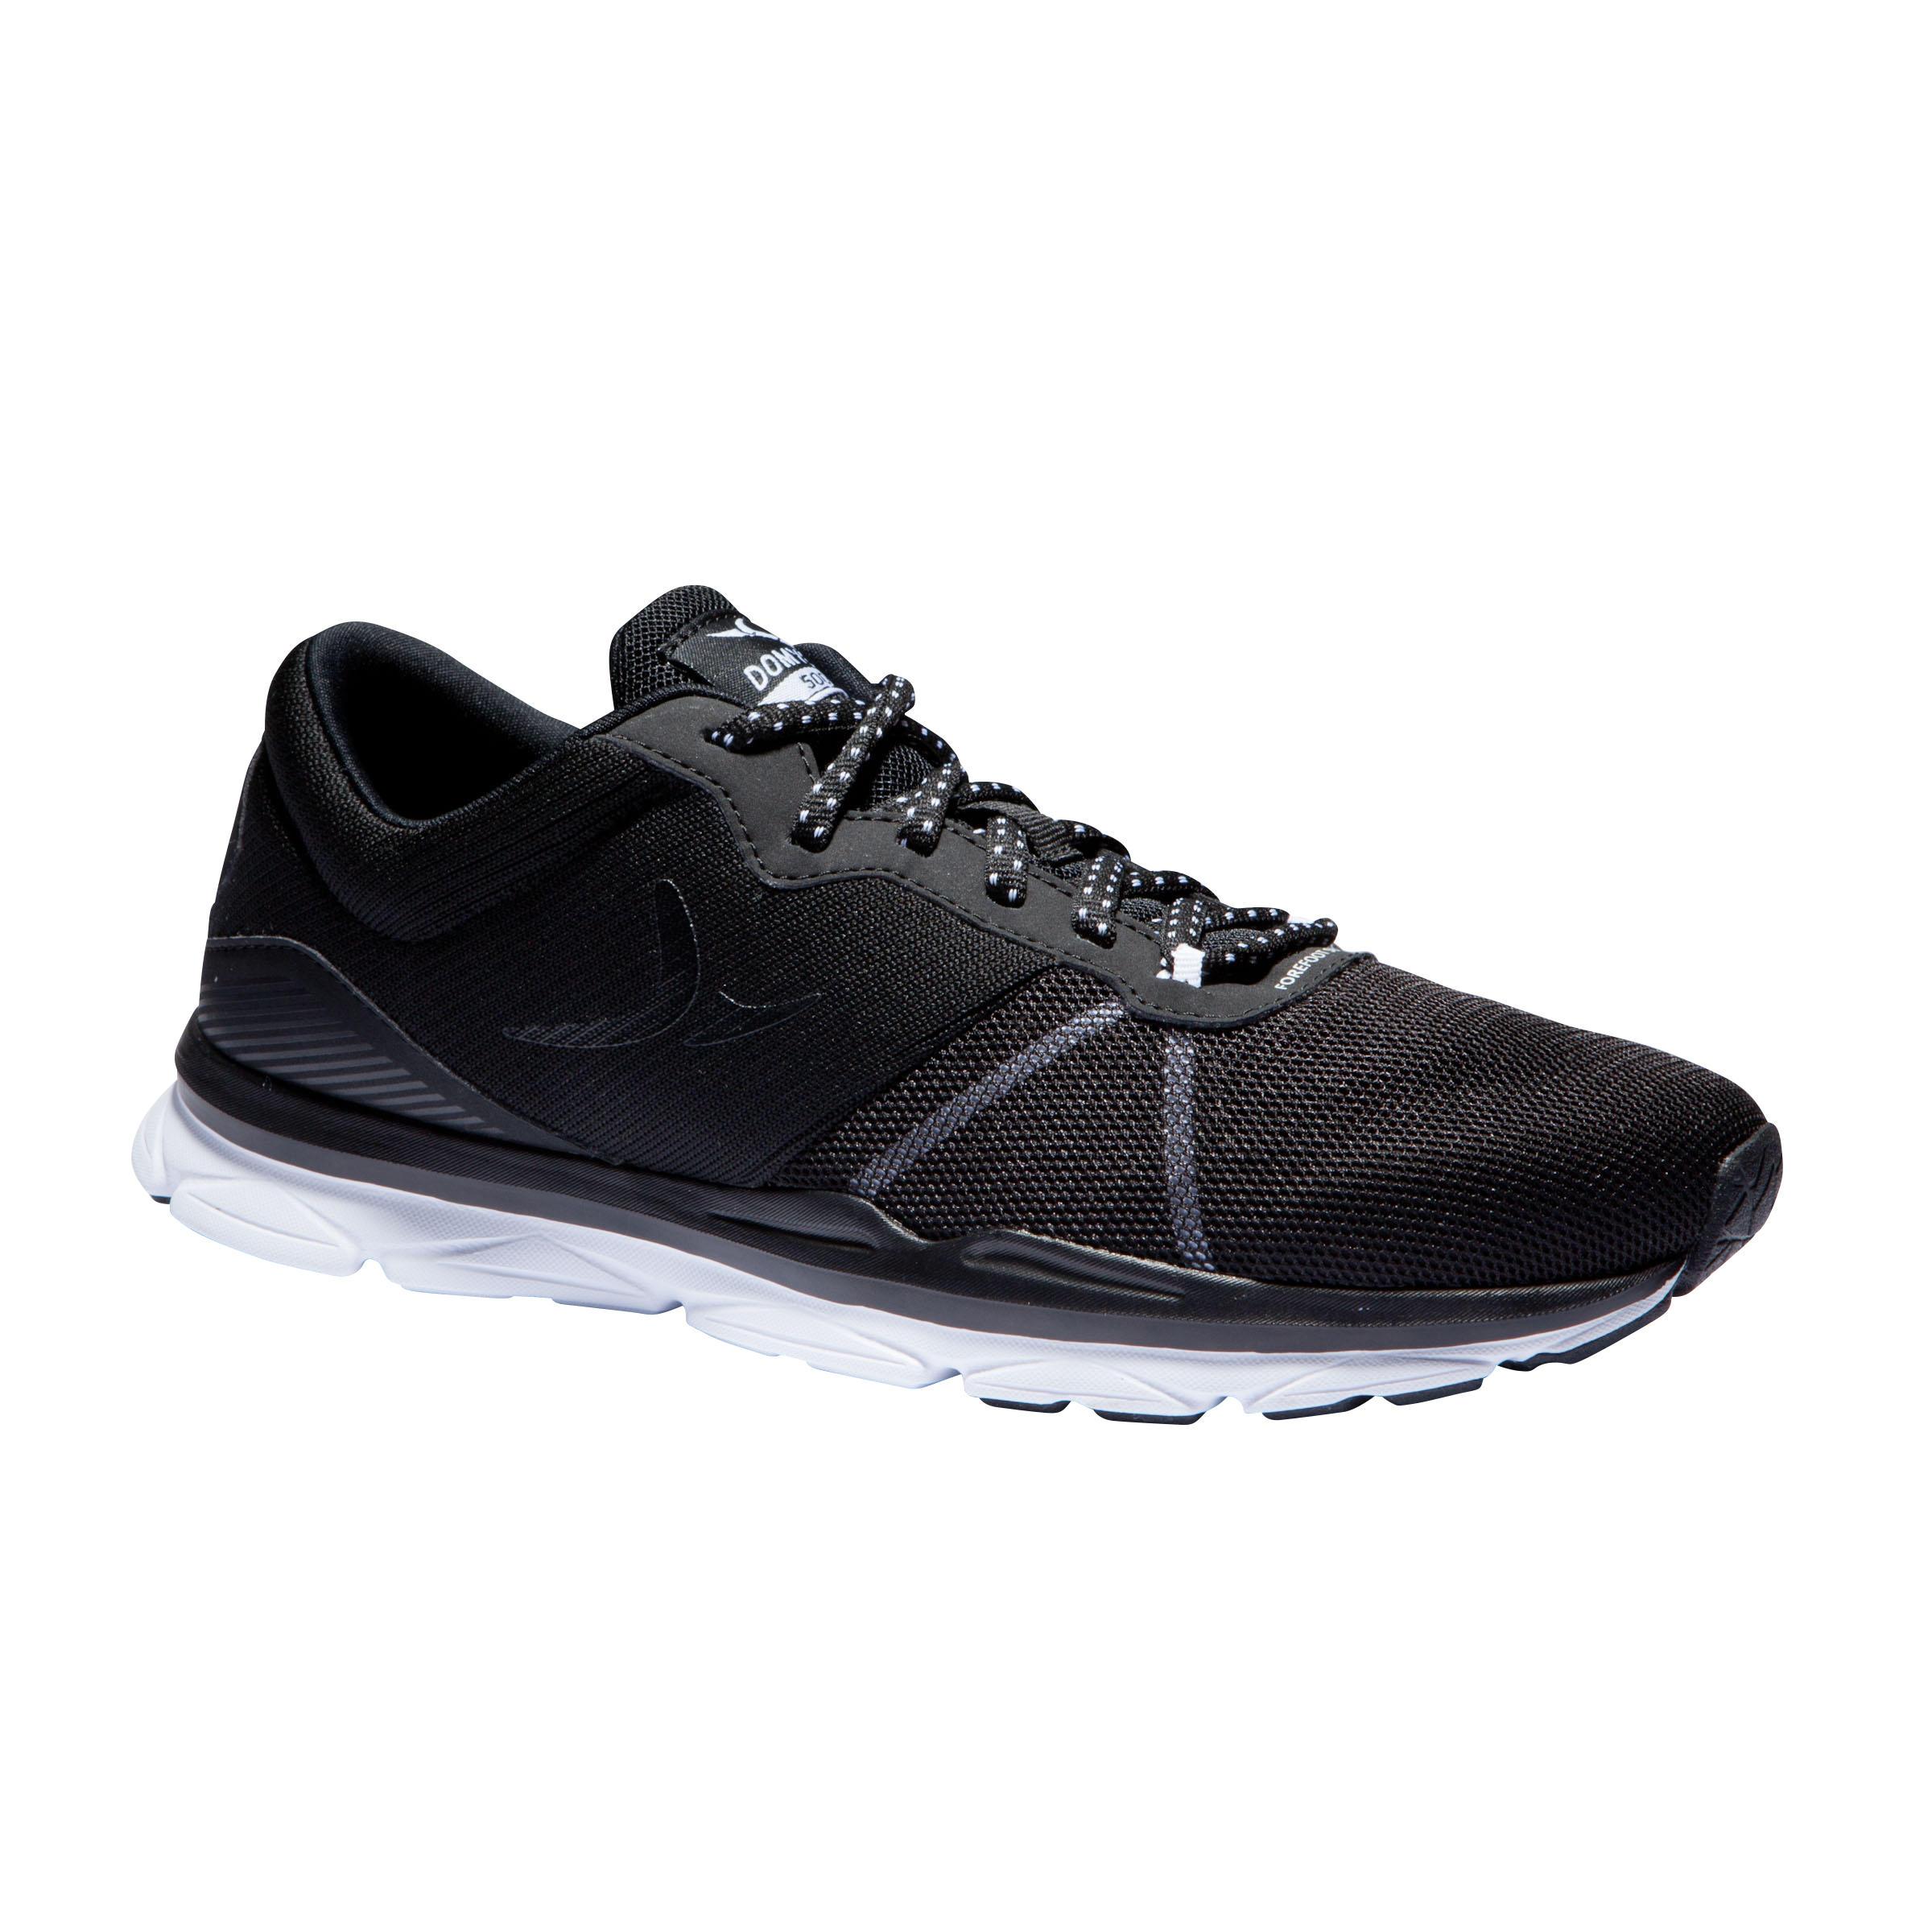 a8e40d521 Comprar Zapatillas de Fitness para Gimnasio Online